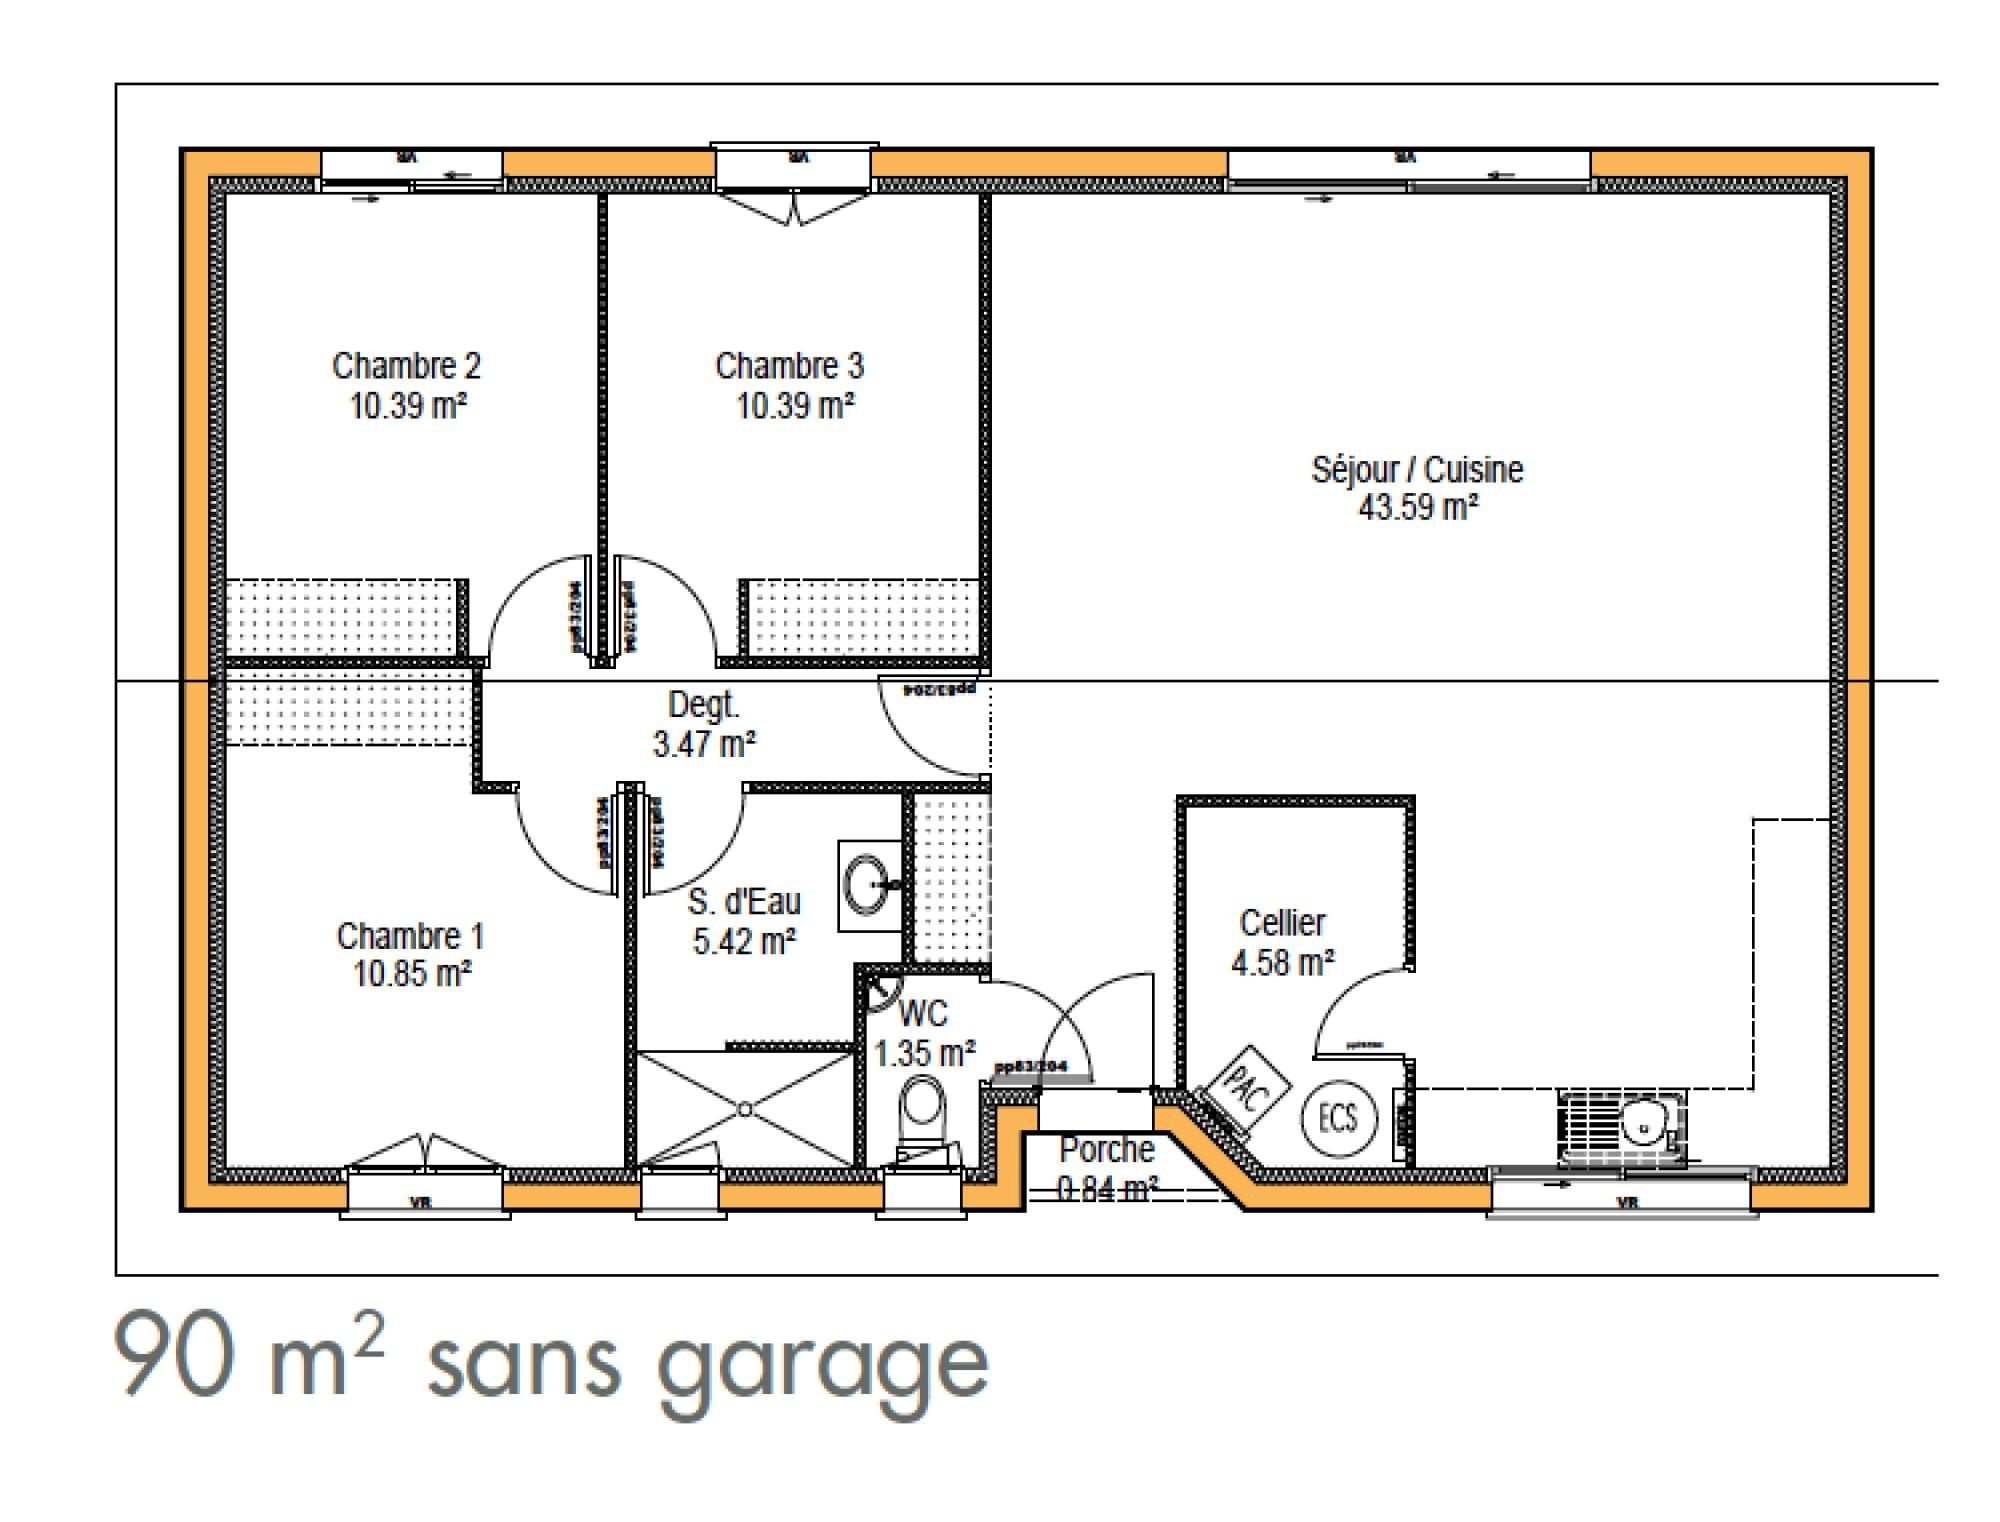 Plan de maison 2 chambres salon douche - Idées de travaux